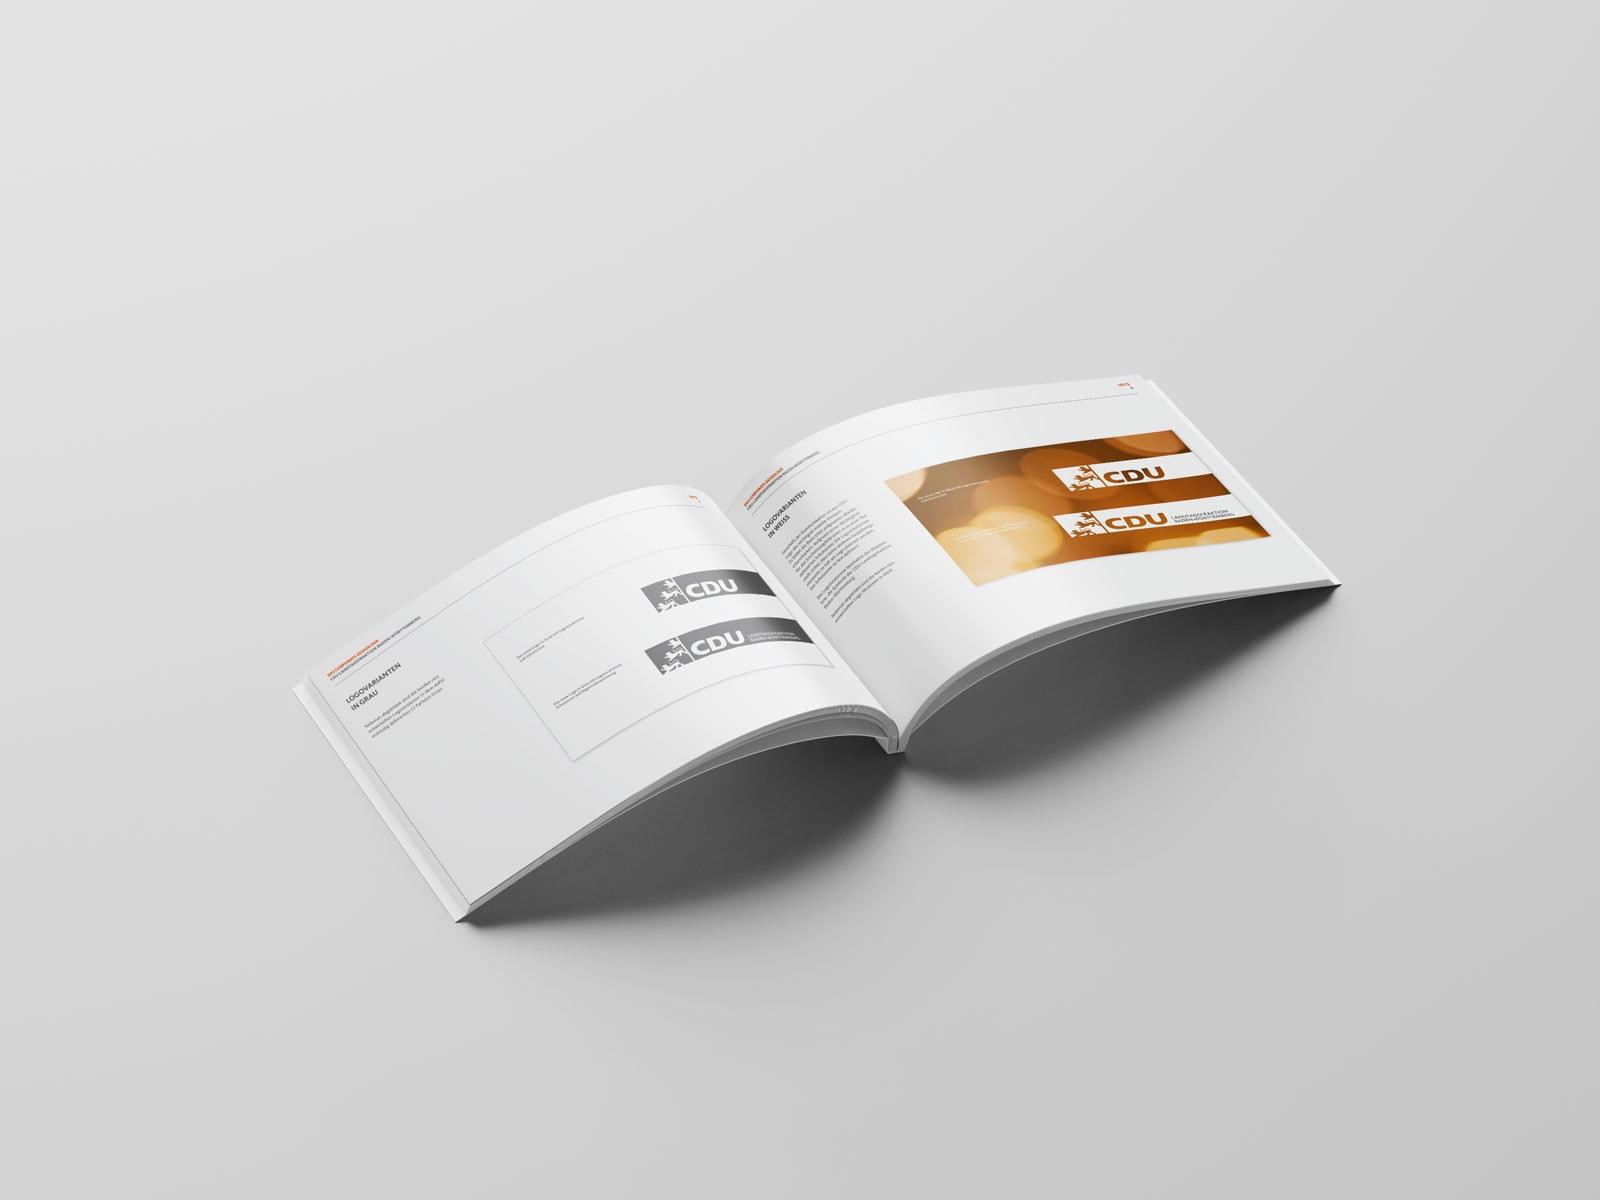 CDU_LF_BW, Styleguide, Corporate Design Relaunch, Redesign, Inhalt, Logo Versionen